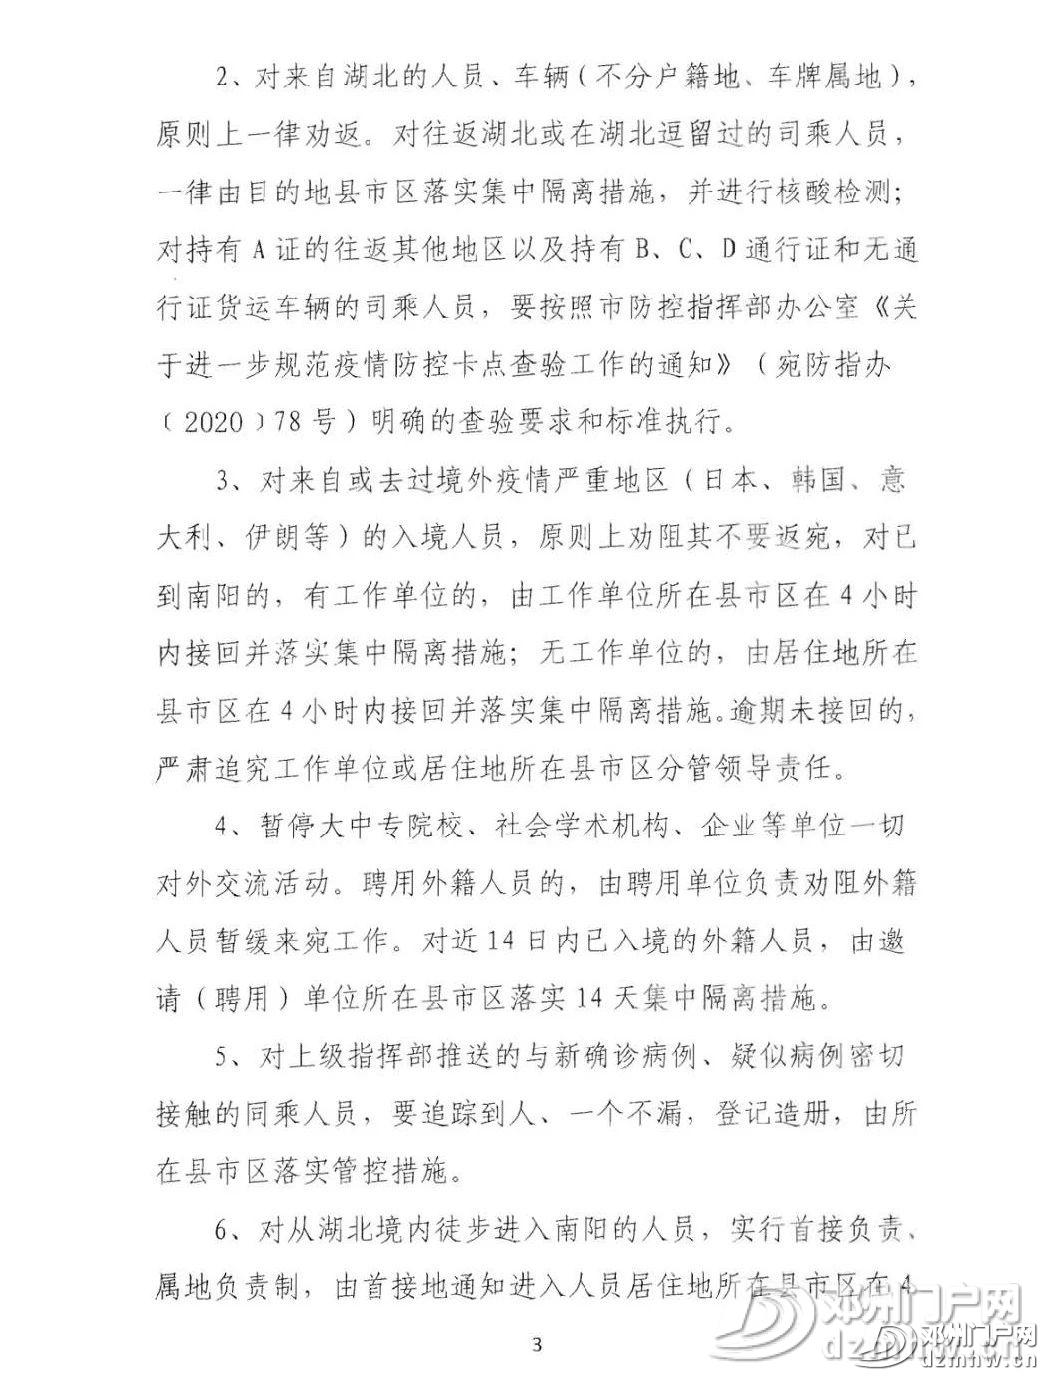 速转!关于邓州卡口撤销官方文件已出! - 邓州门户网|邓州网 - 42de417d0187deaade0bf9ed931feaf3.jpg